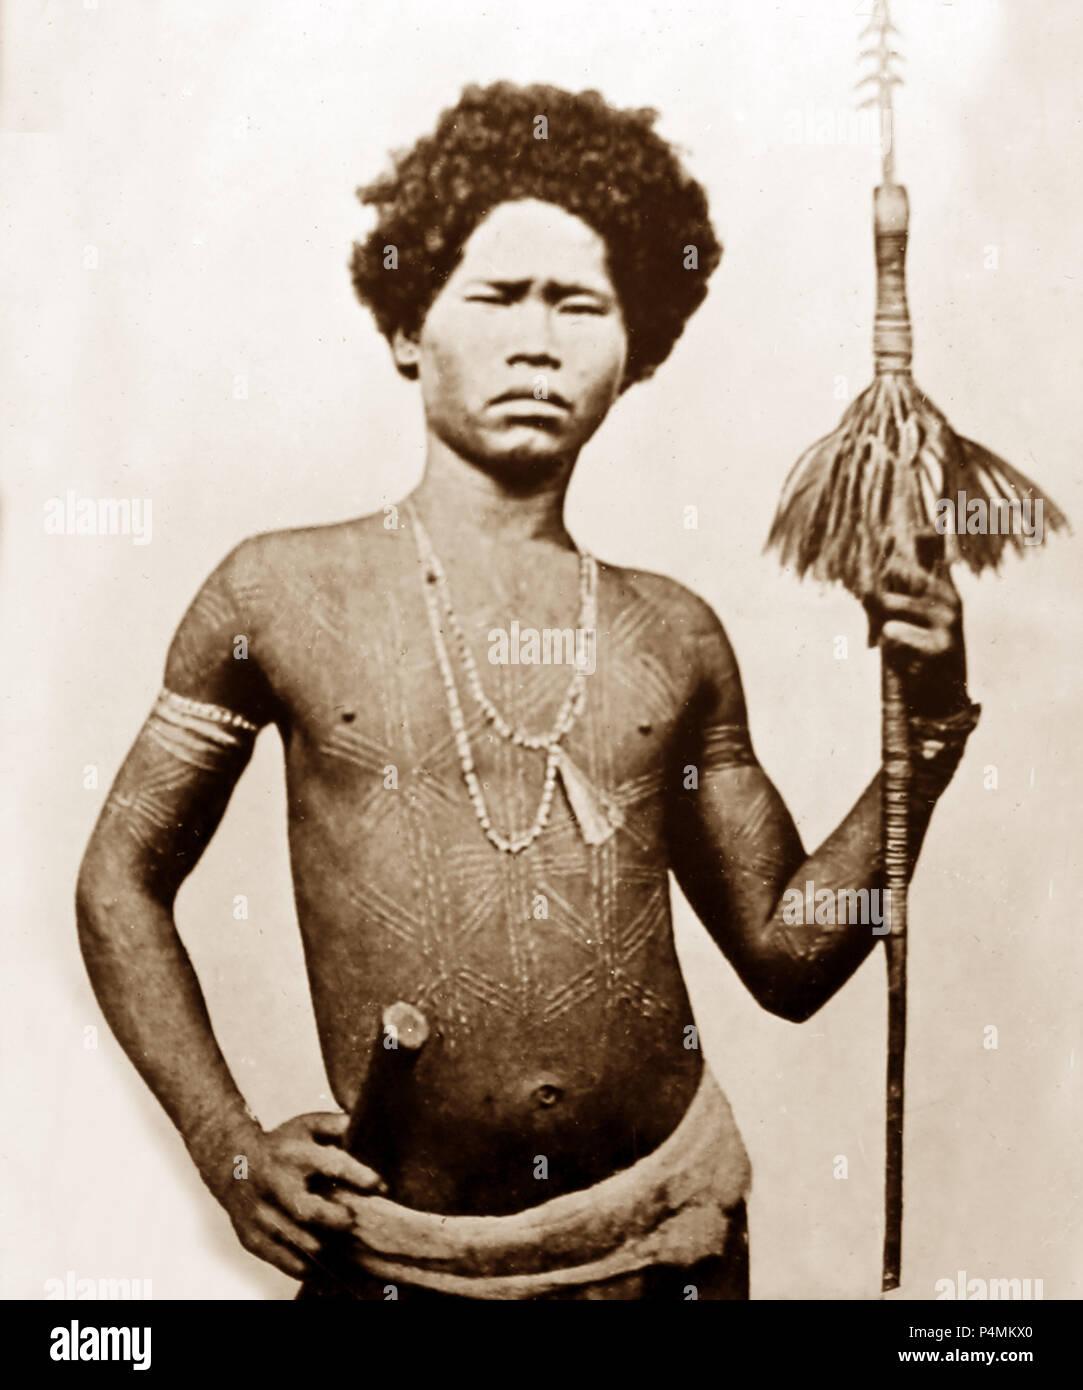 Ein tribal Krieger oder Jäger, Viktorianischen Periode Stockbild